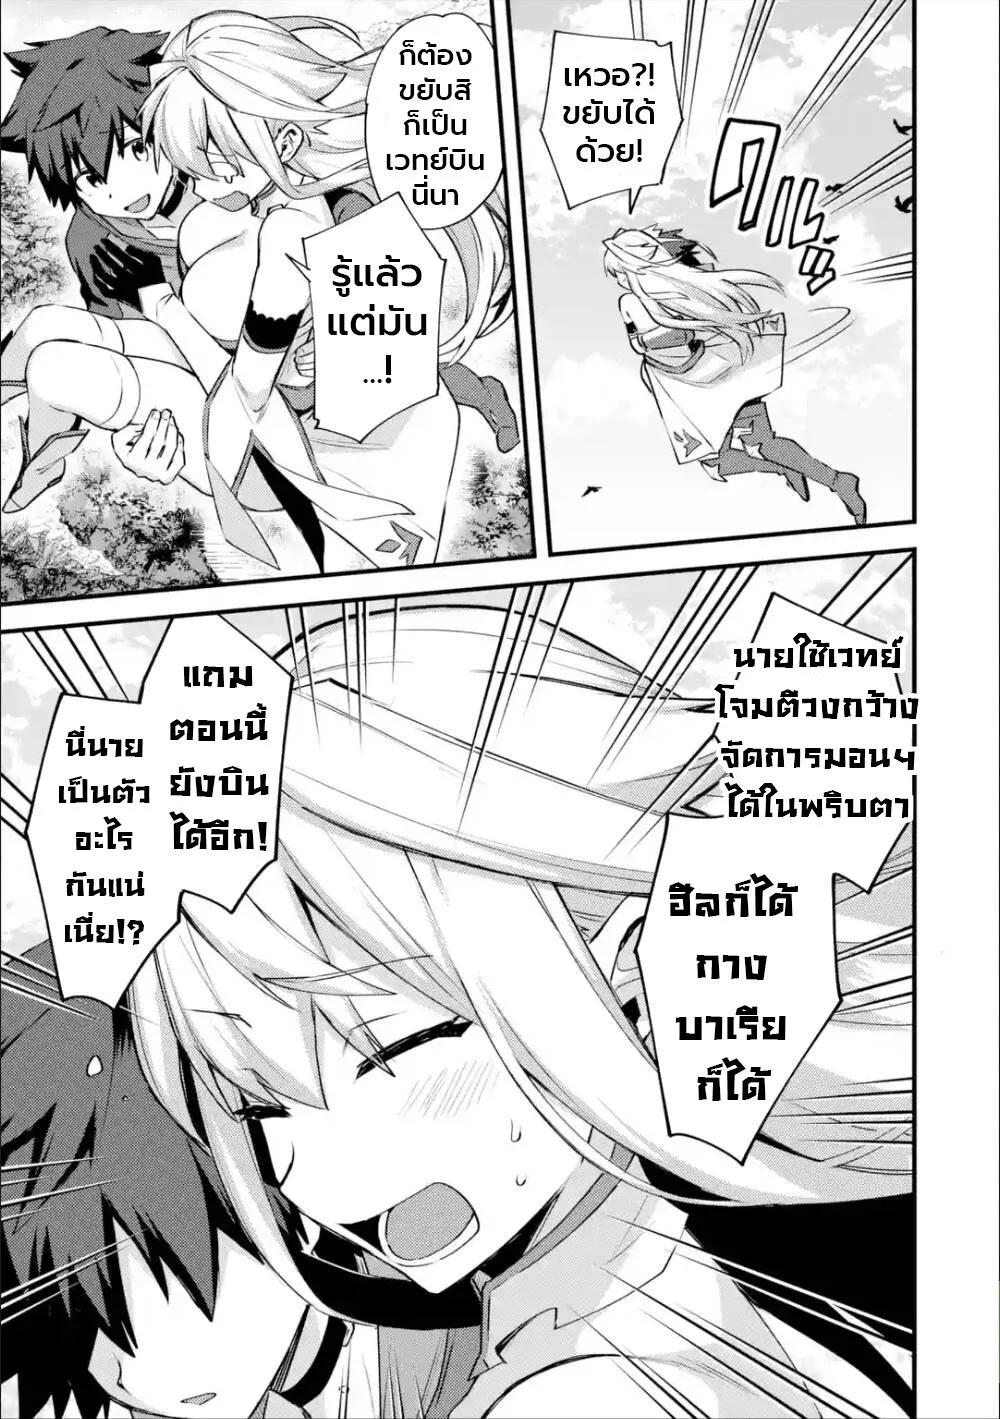 อ่านการ์ตูน Nido Tensei Shita Shounen wa S Rank Boukensha Toshite Heion ni Sugosu-zense ga kenja de eiyuu datta boku wa raisede wa jimini ikiru ตอนที่ 20 หน้าที่ 31